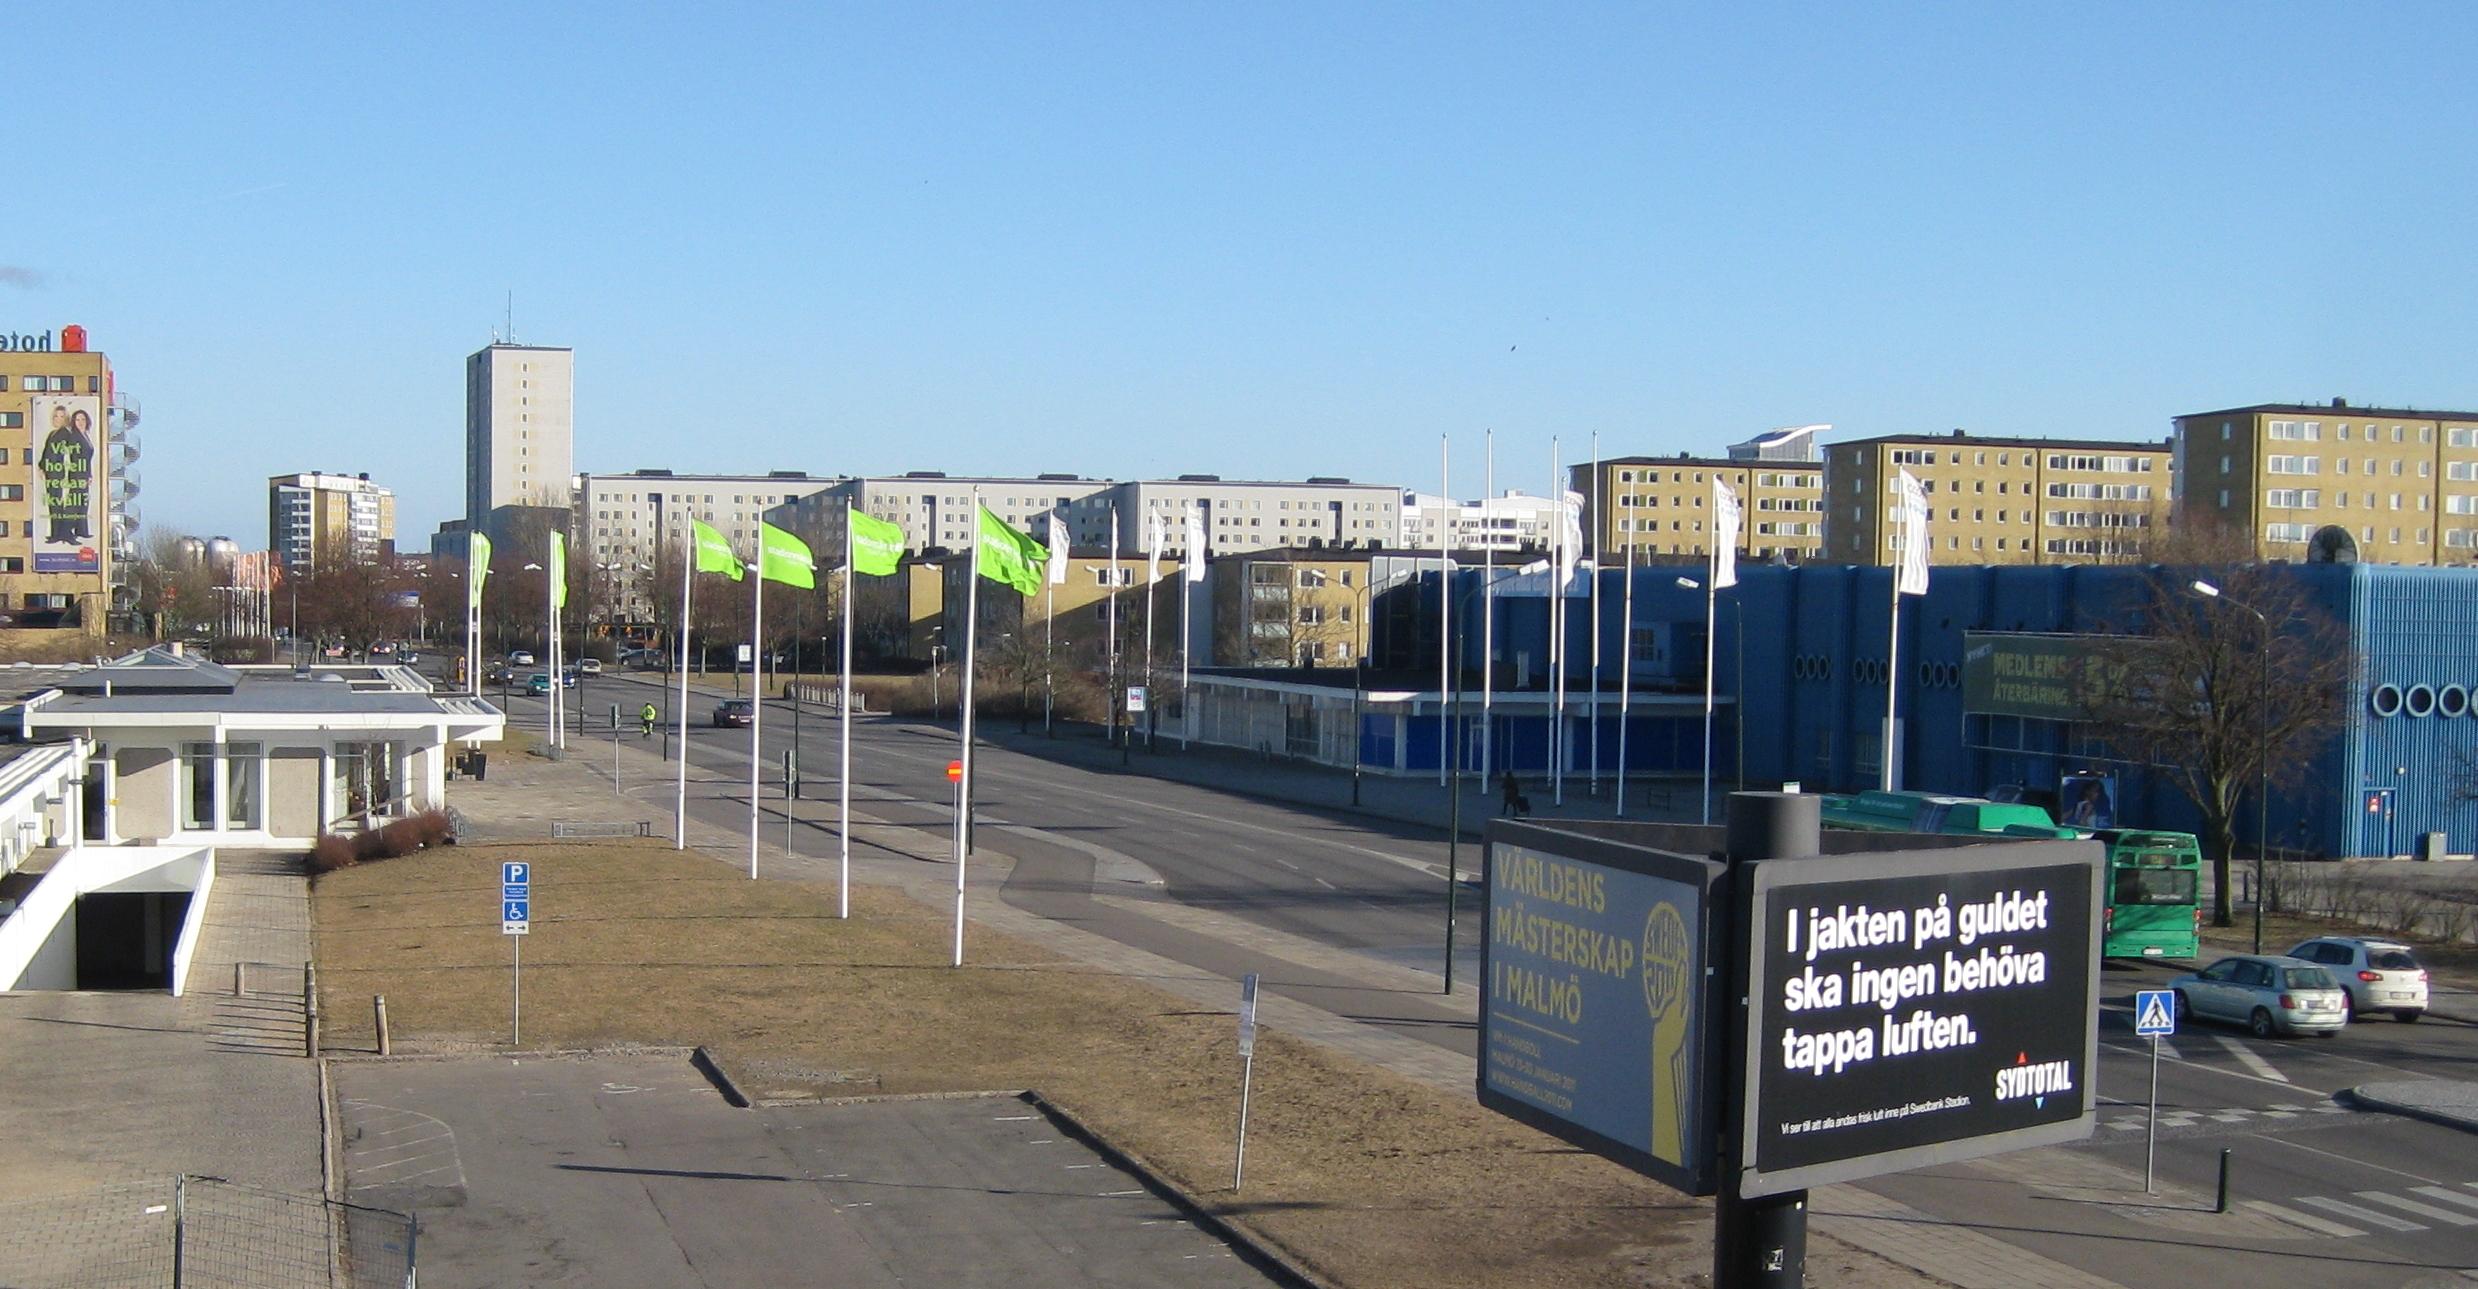 Fil Stadiongatan, Malmö jpg u2013 Wikipedia